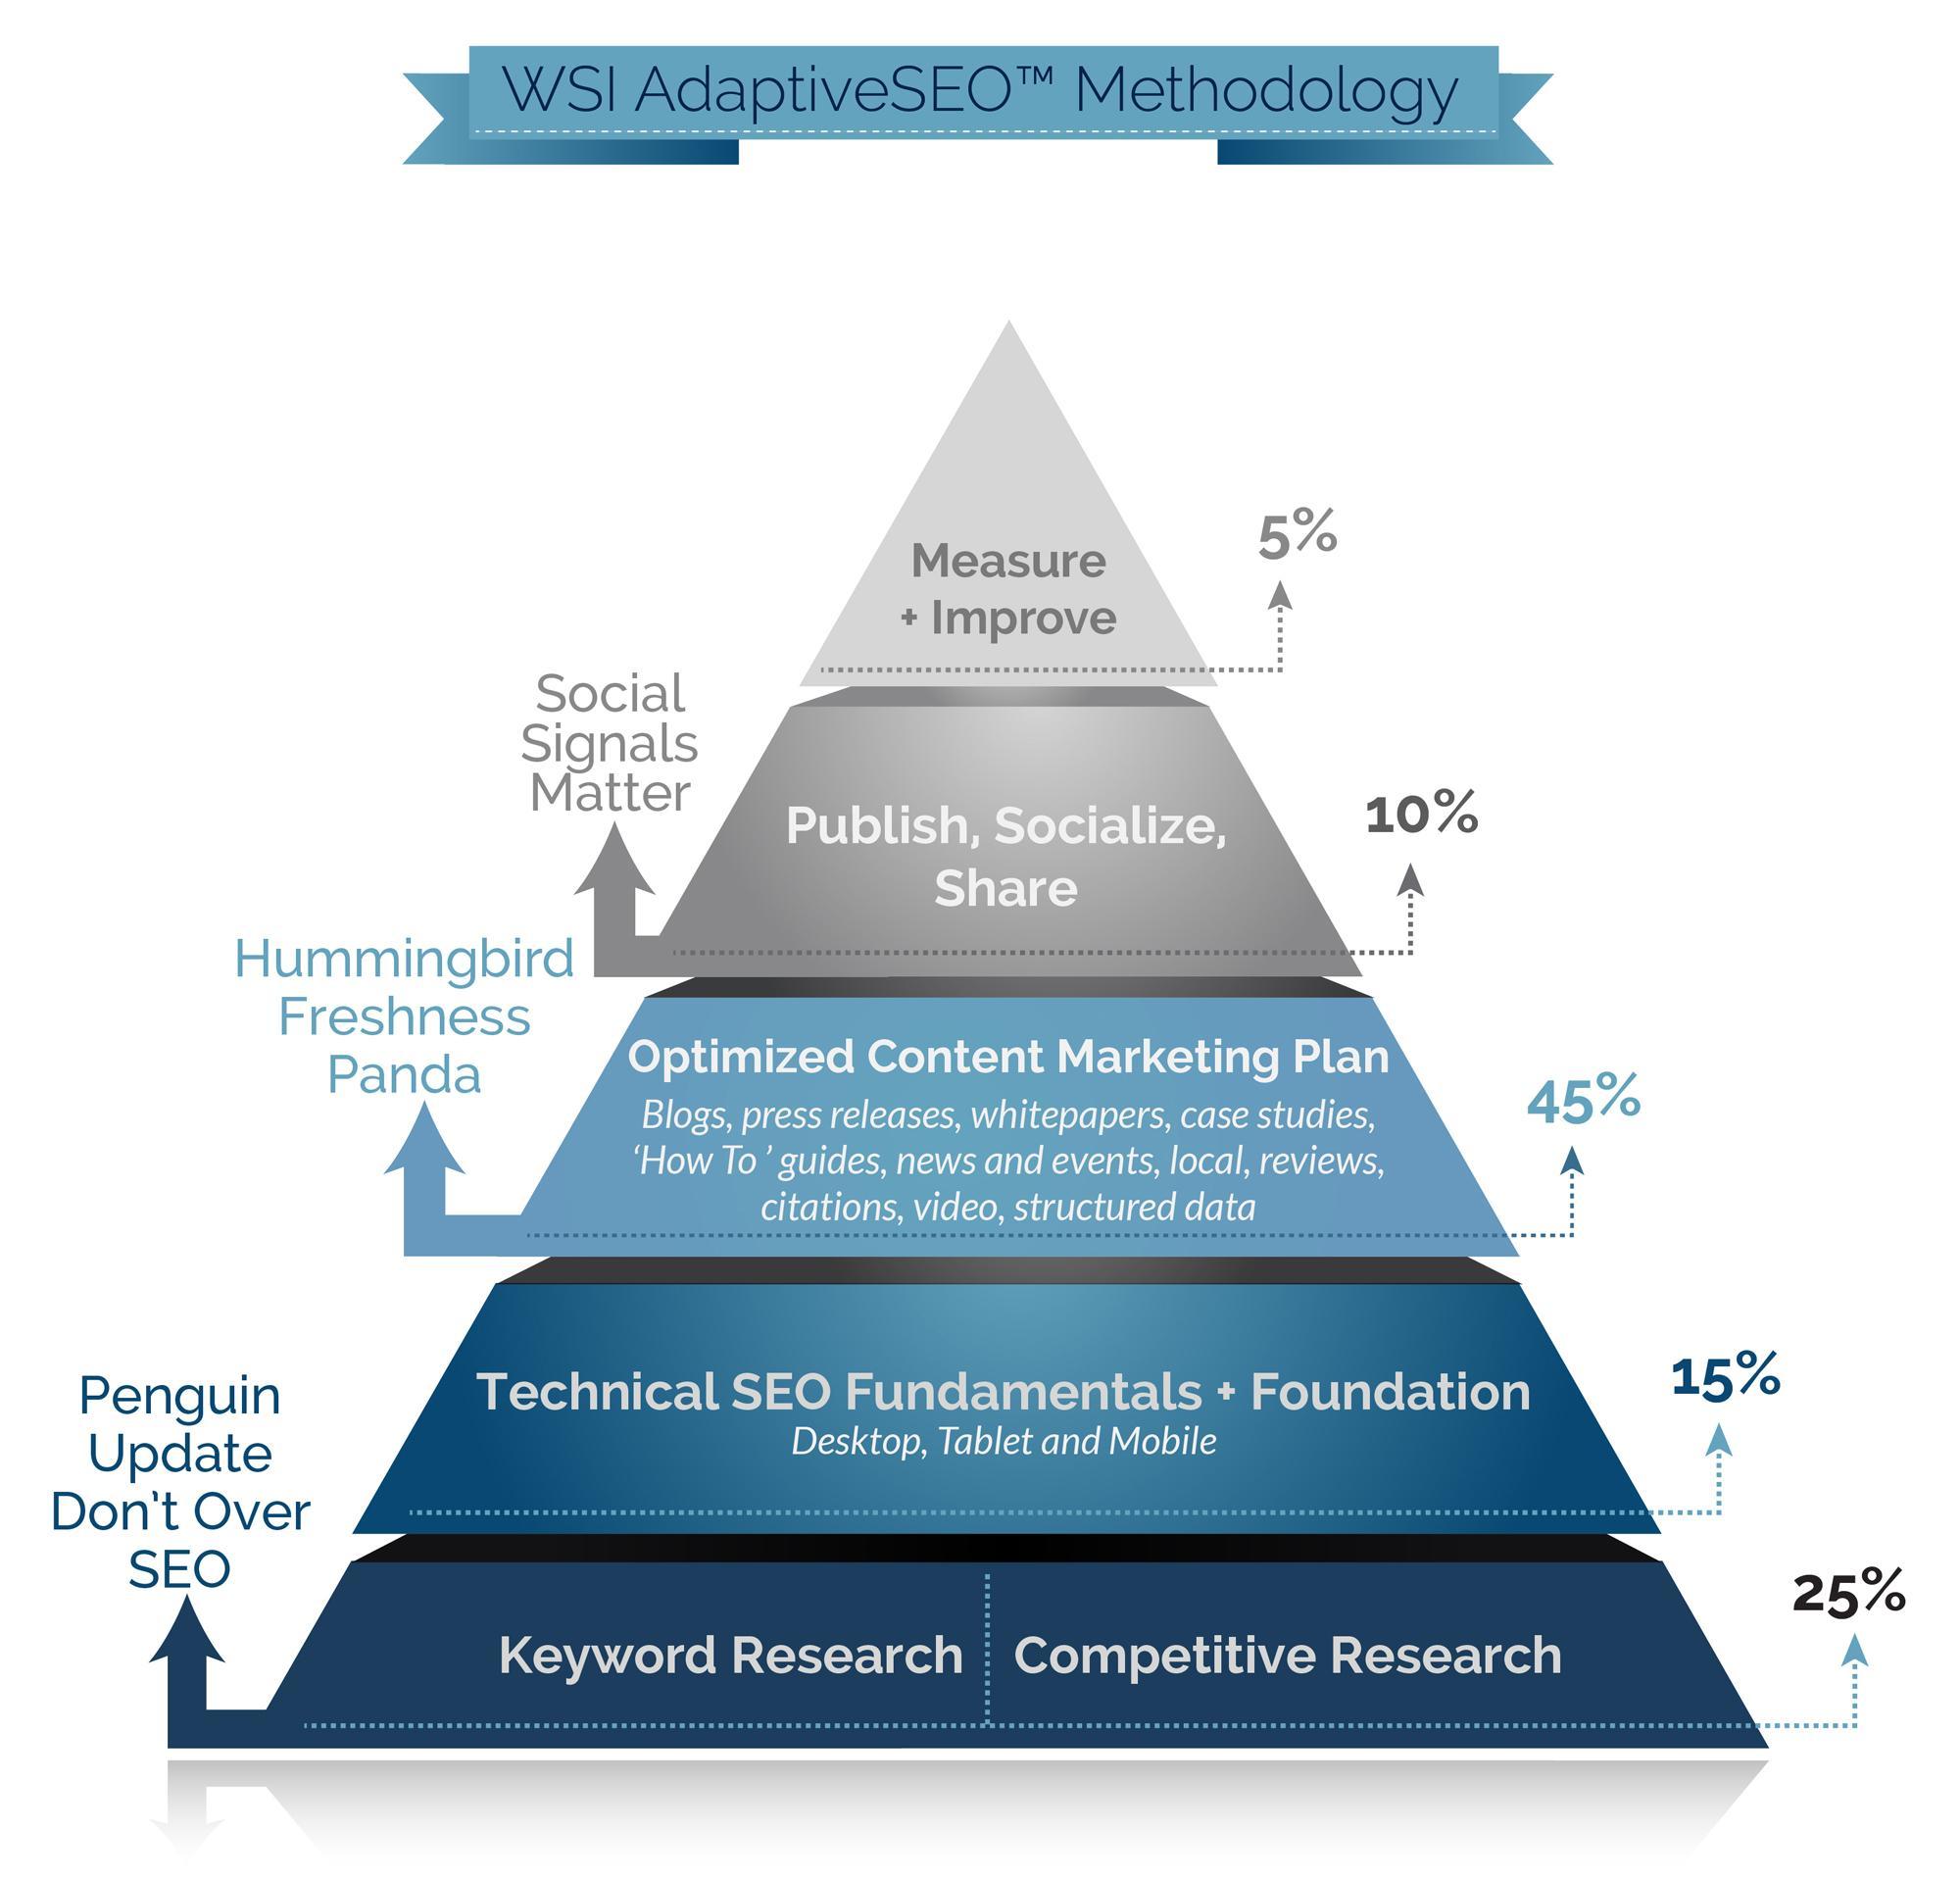 Metodología de SEO Adaptativo de WSI